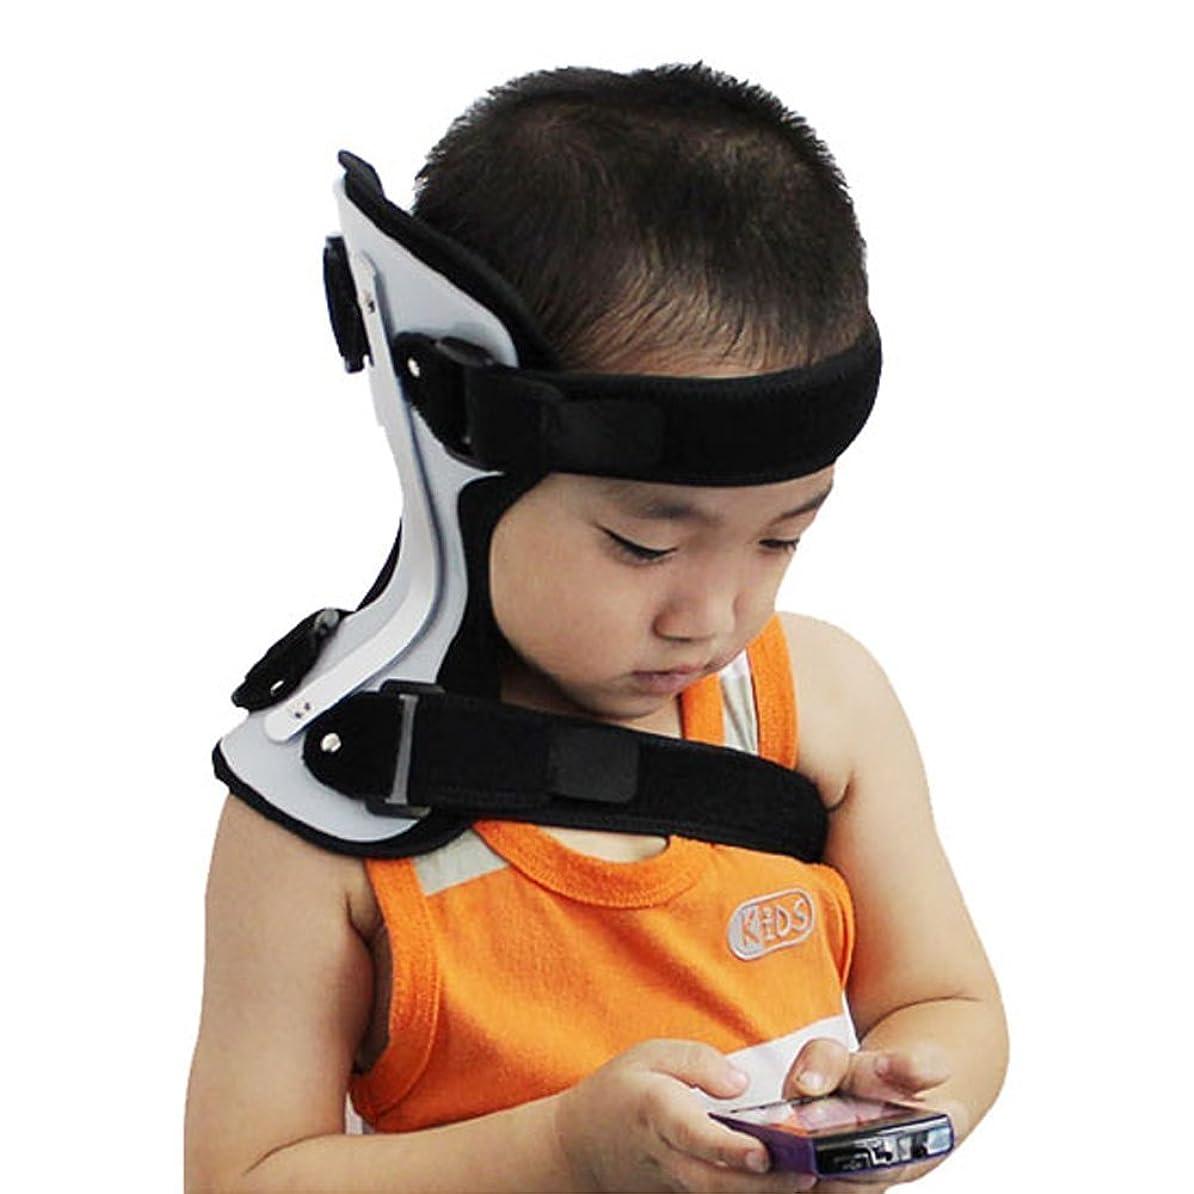 敬デザイナー些細Ober 斜頸装具 曲がった首装具 正しい首 児童斜頸補正 (L-4歳 - 6歳)